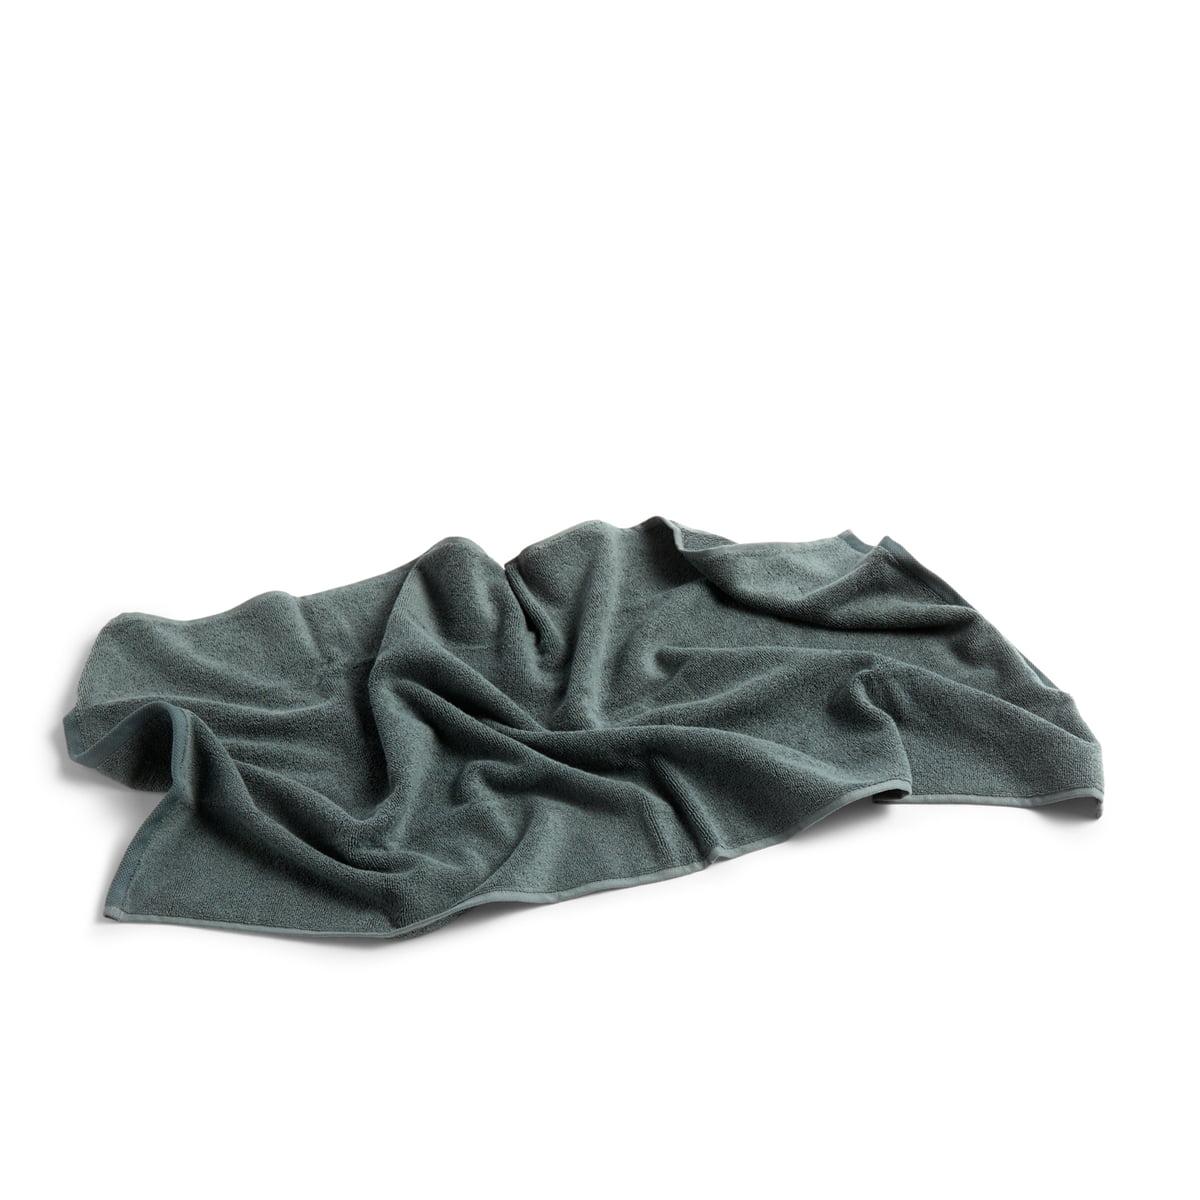 Hay - Frotté Handtuch, 100 x 50 cm, dunkelgrün | Bad > Handtücher | Dunkelgrün | Hay